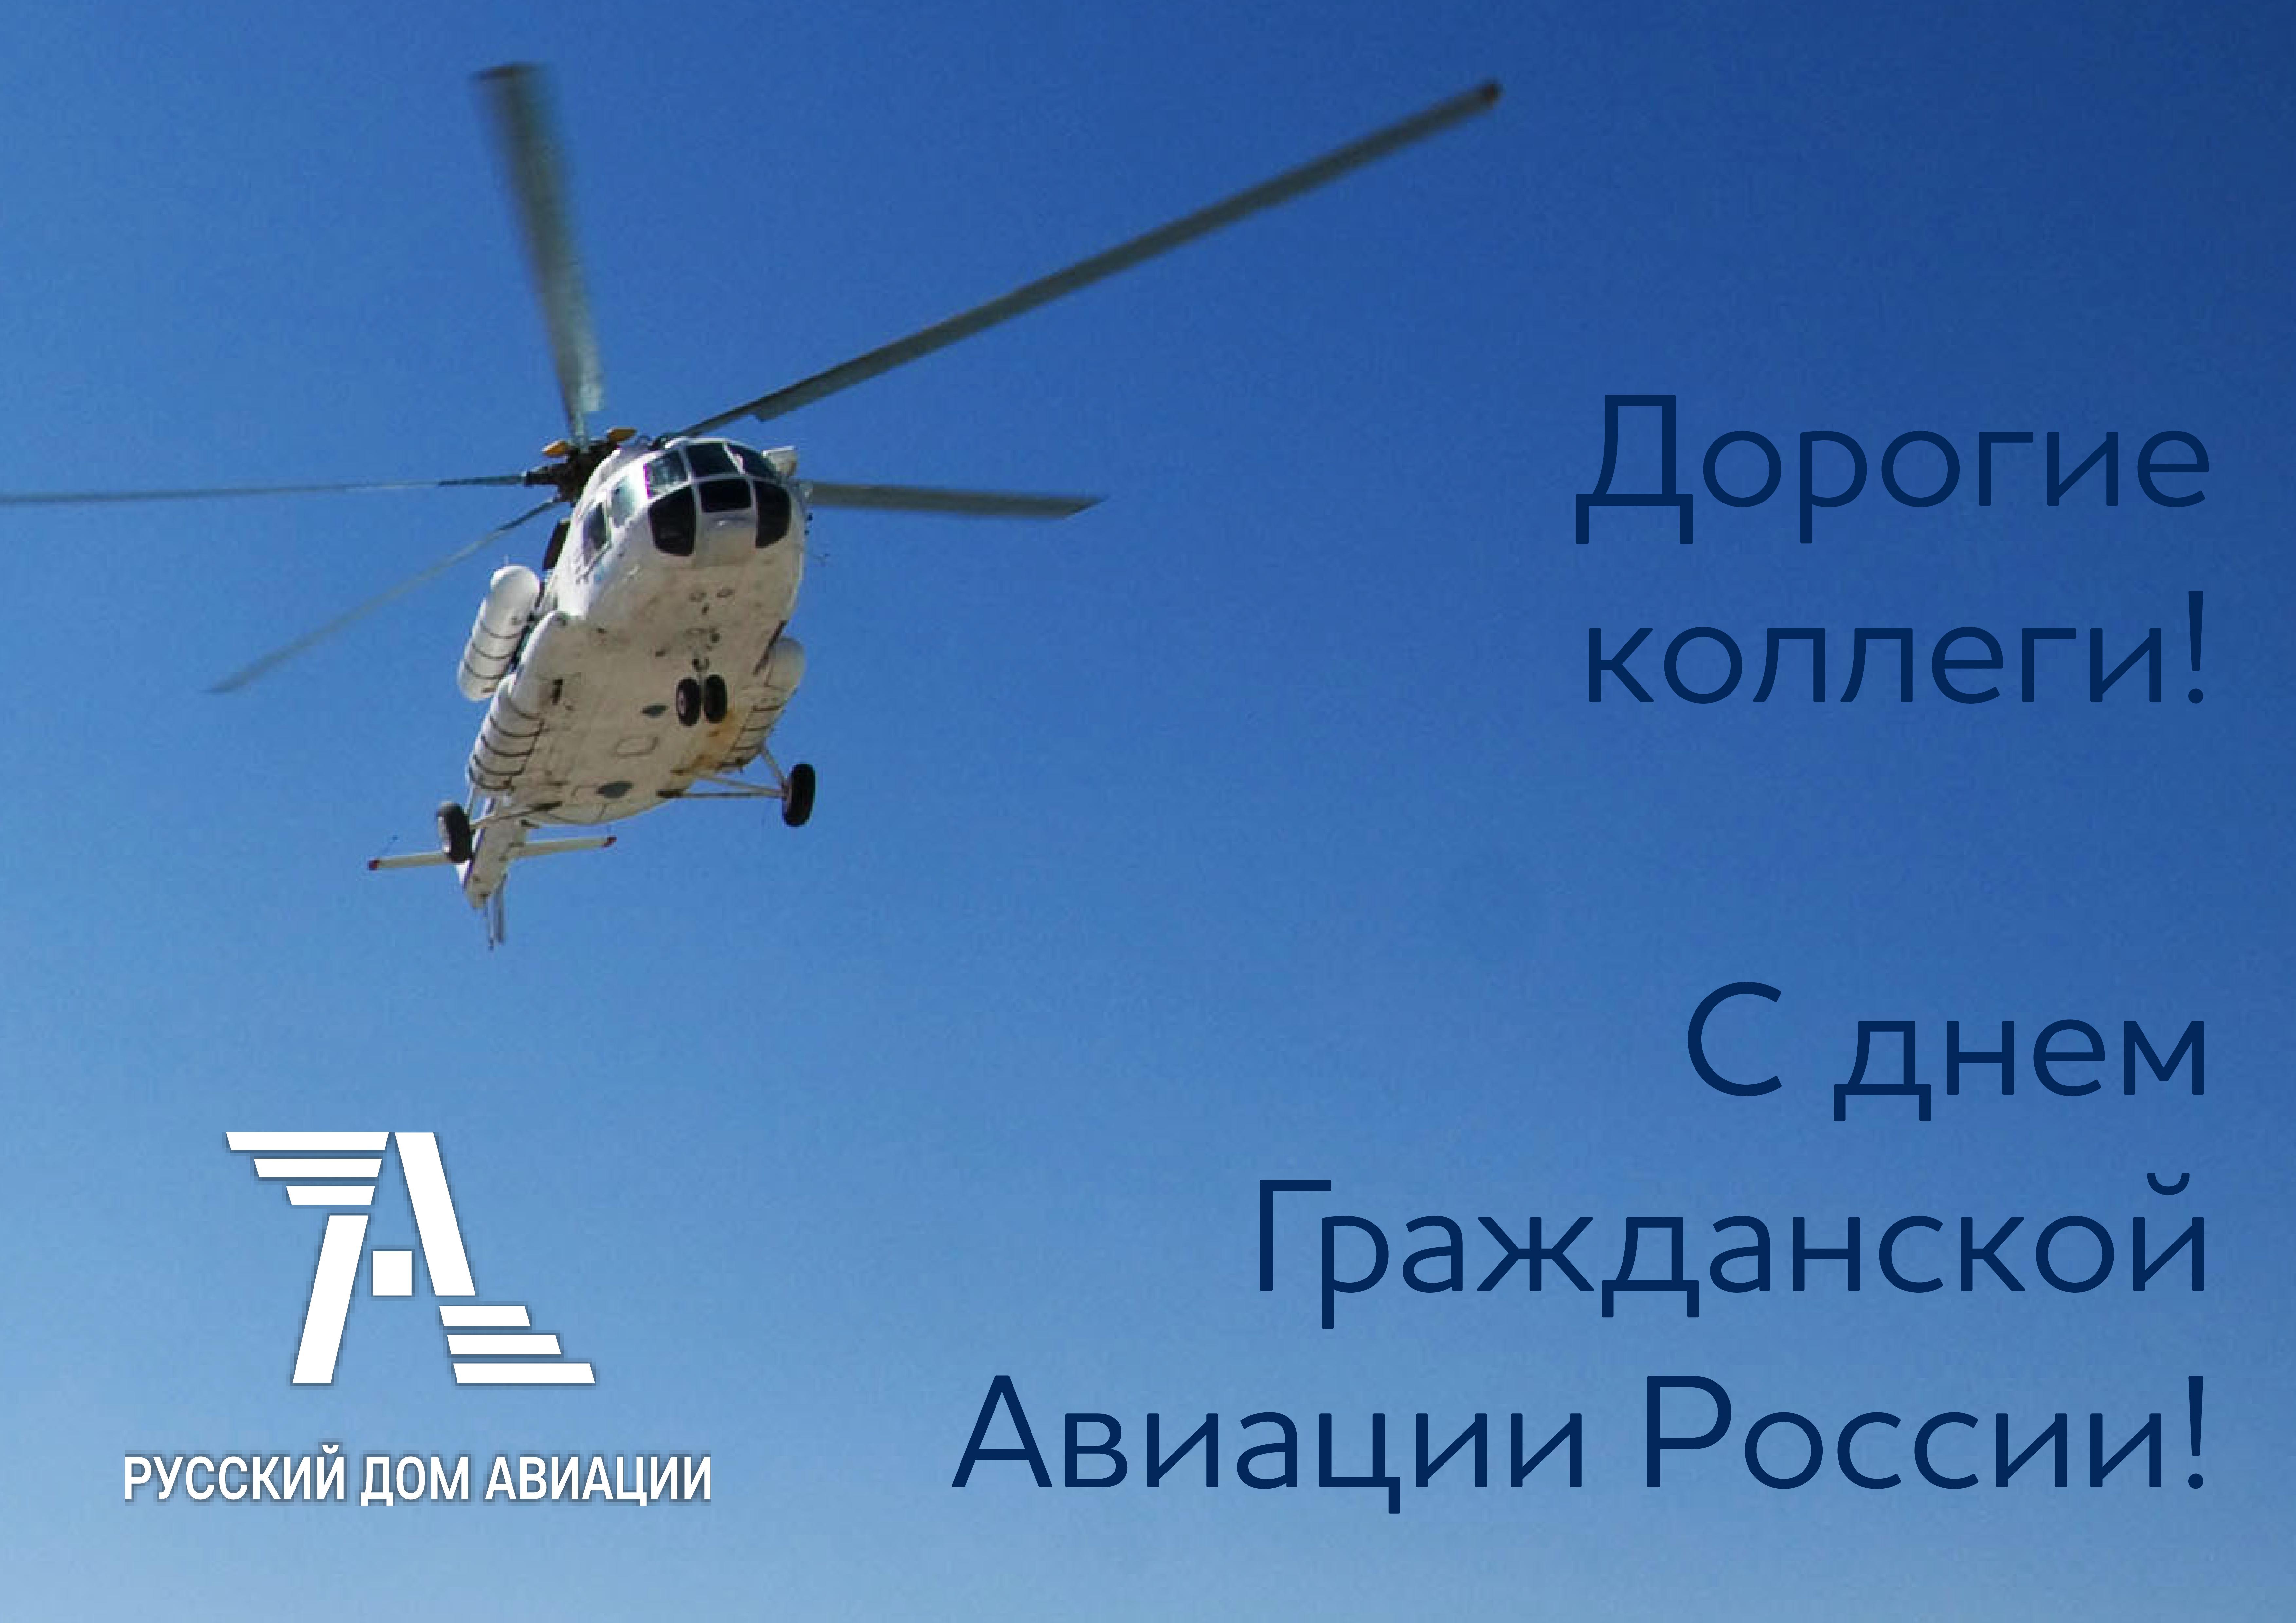 день гражданской авиации поздравить вертолетчиков открыткой зависимости